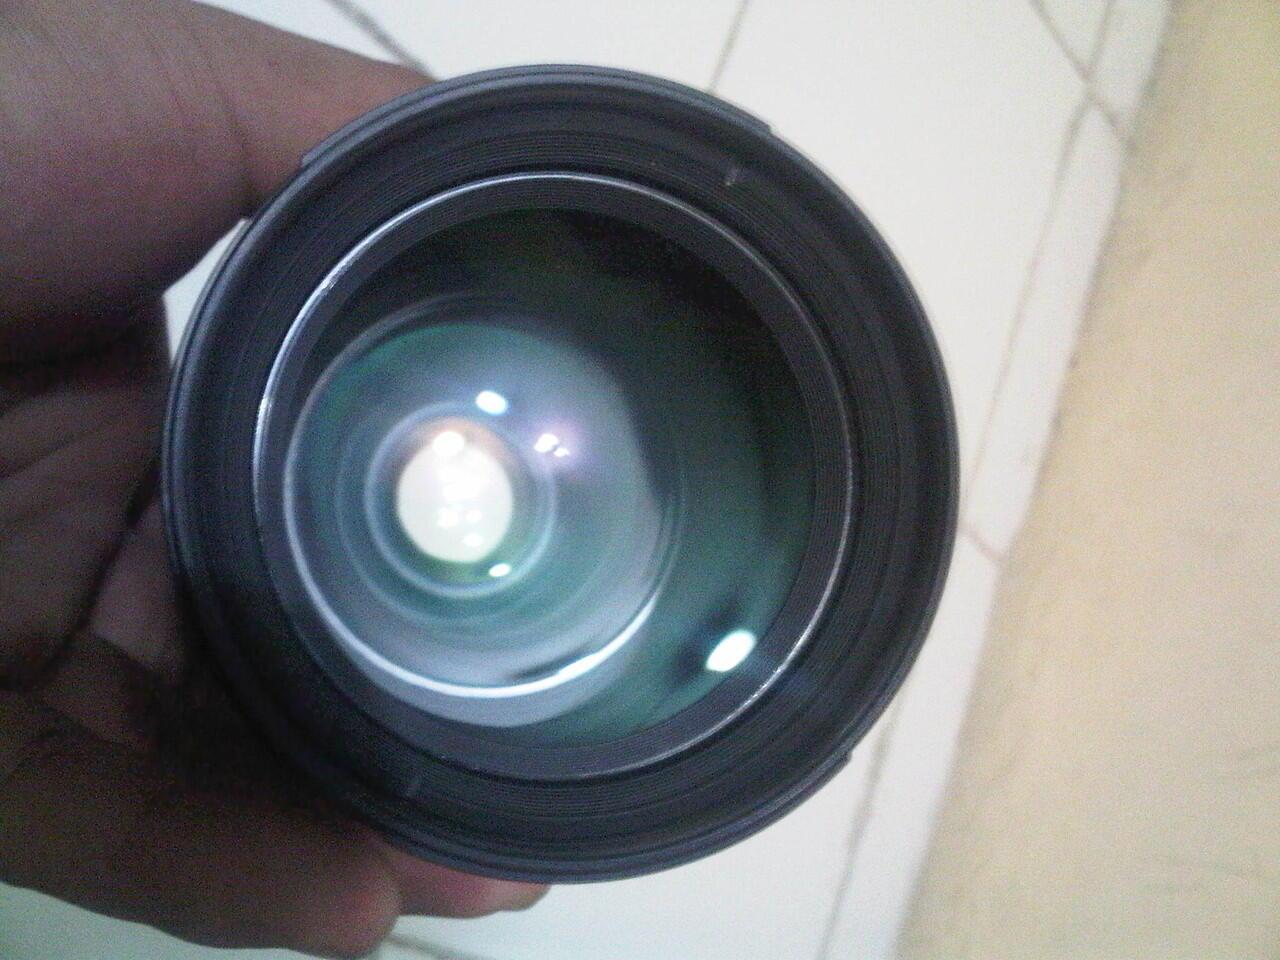 lensa Nikon 28-105mm f/3.5-4.5